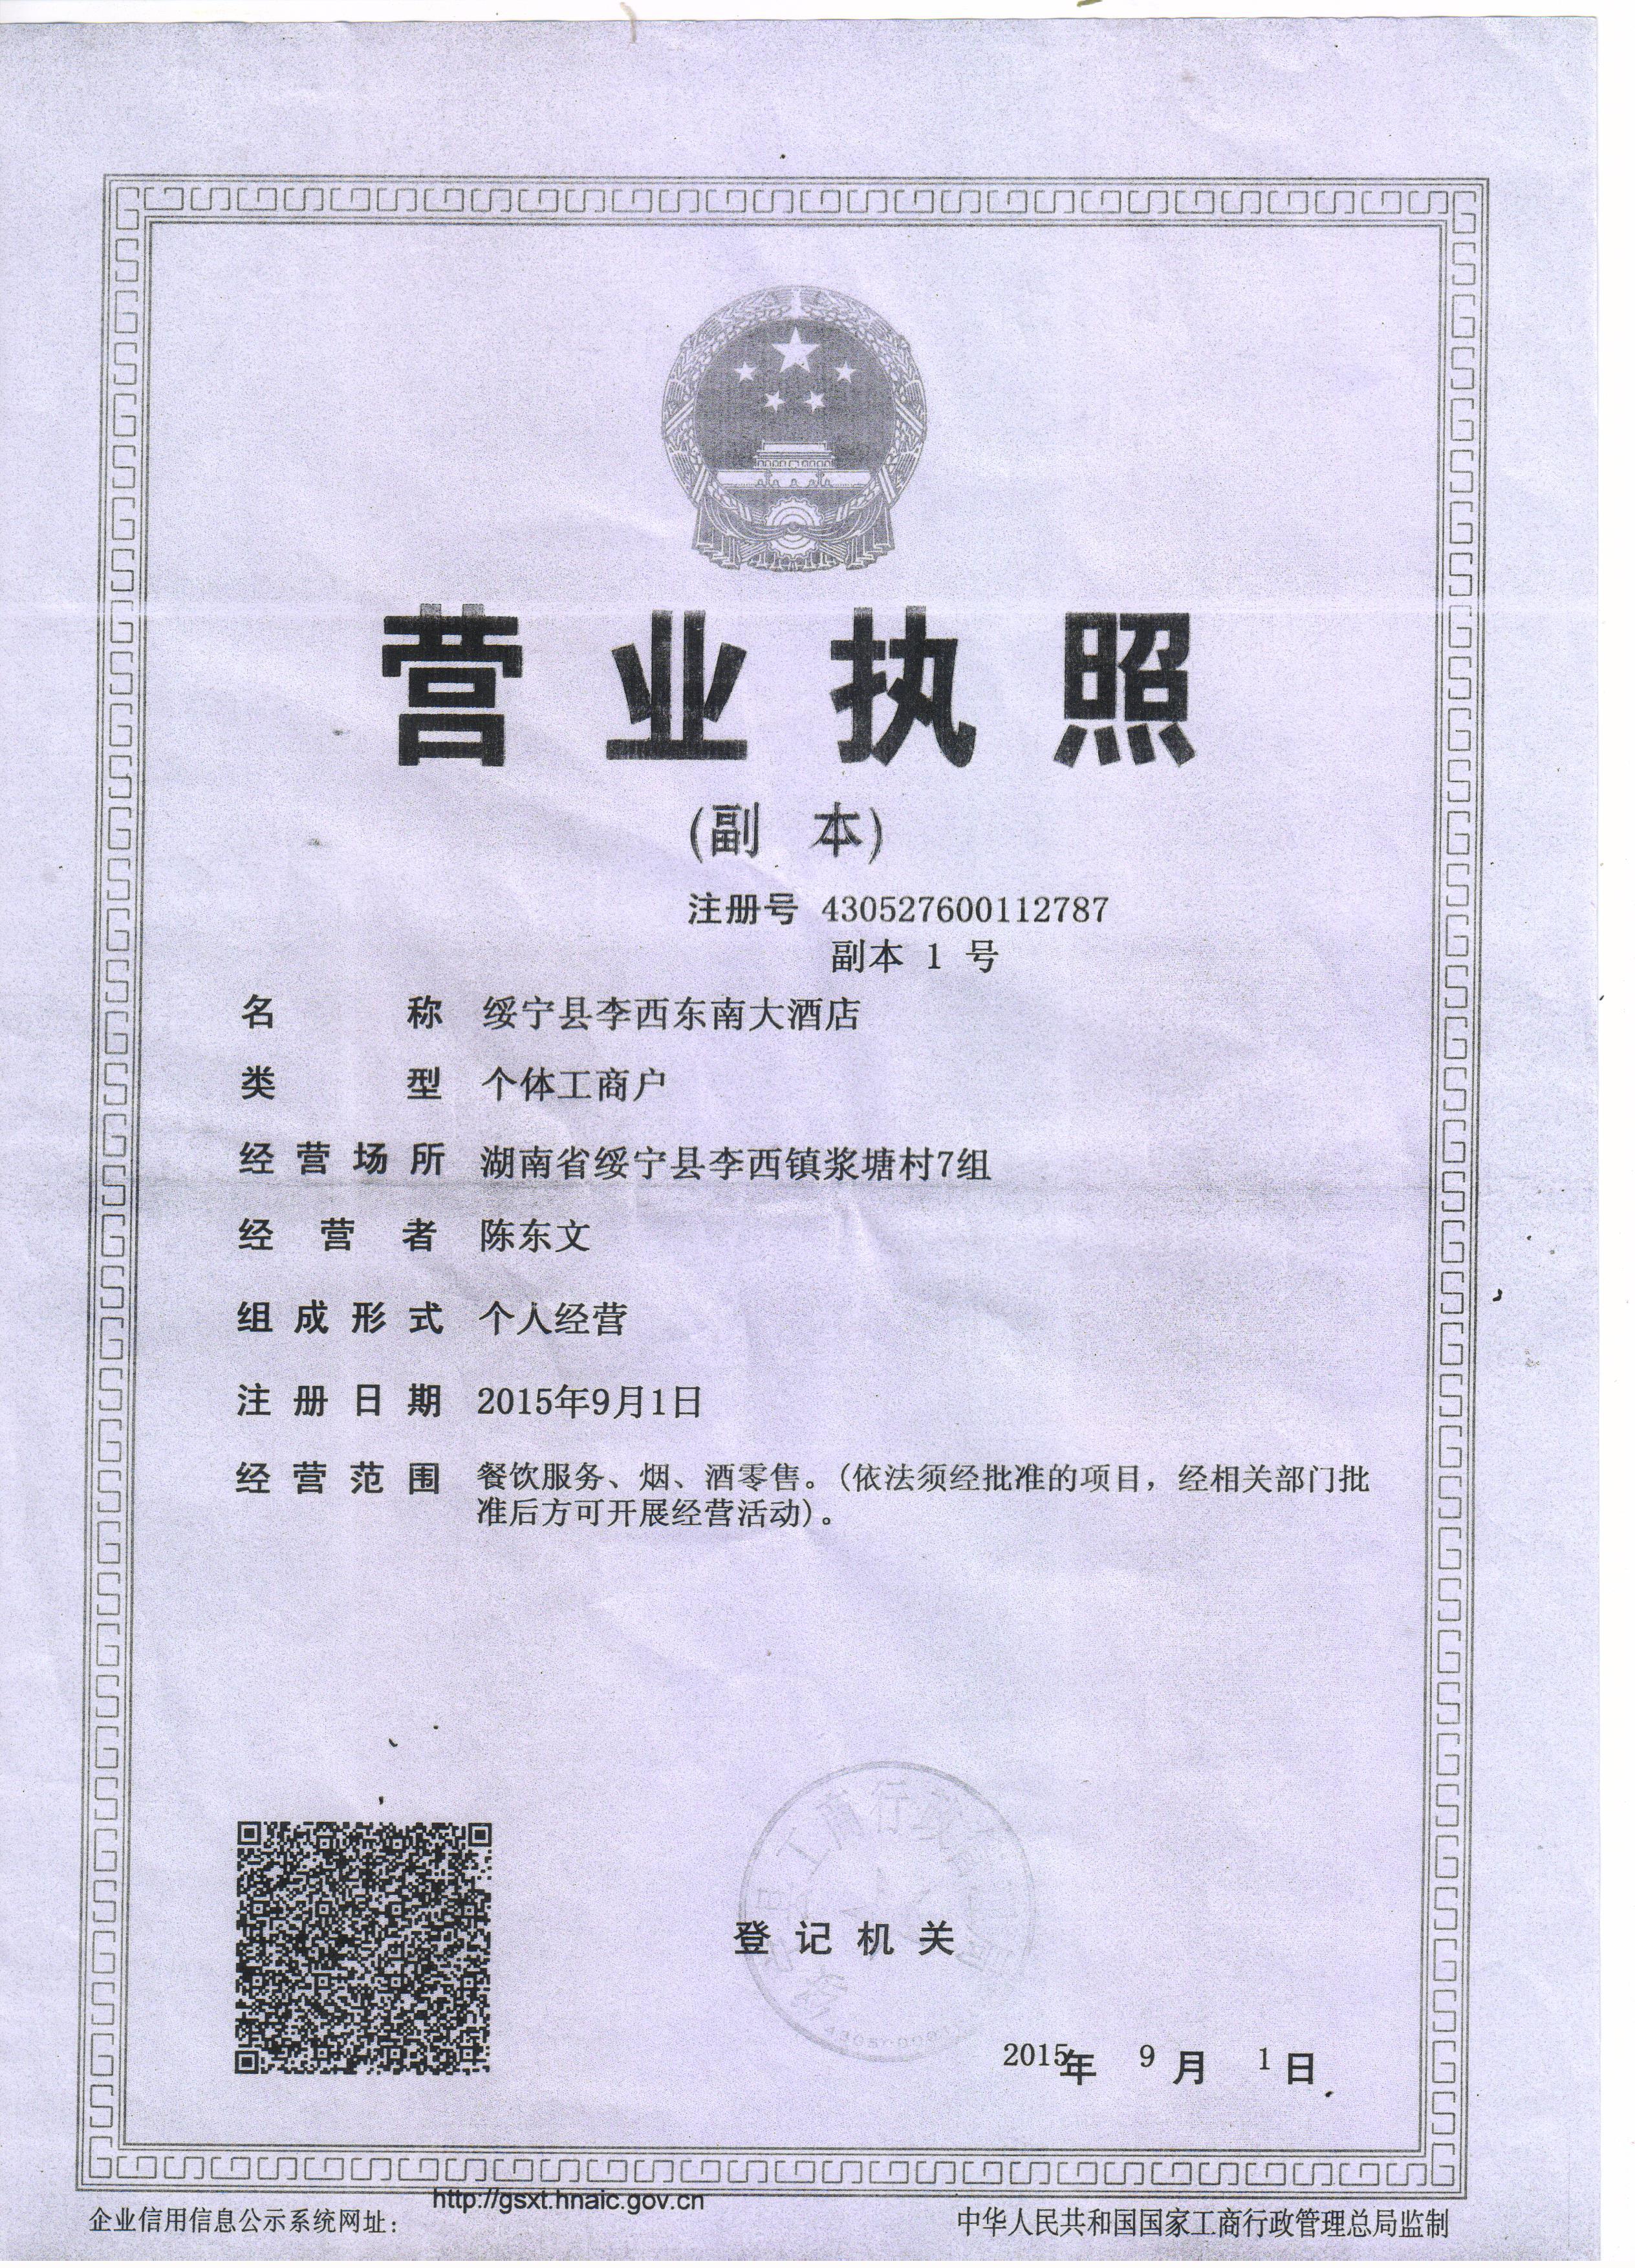 绥宁县李西东南大酒店